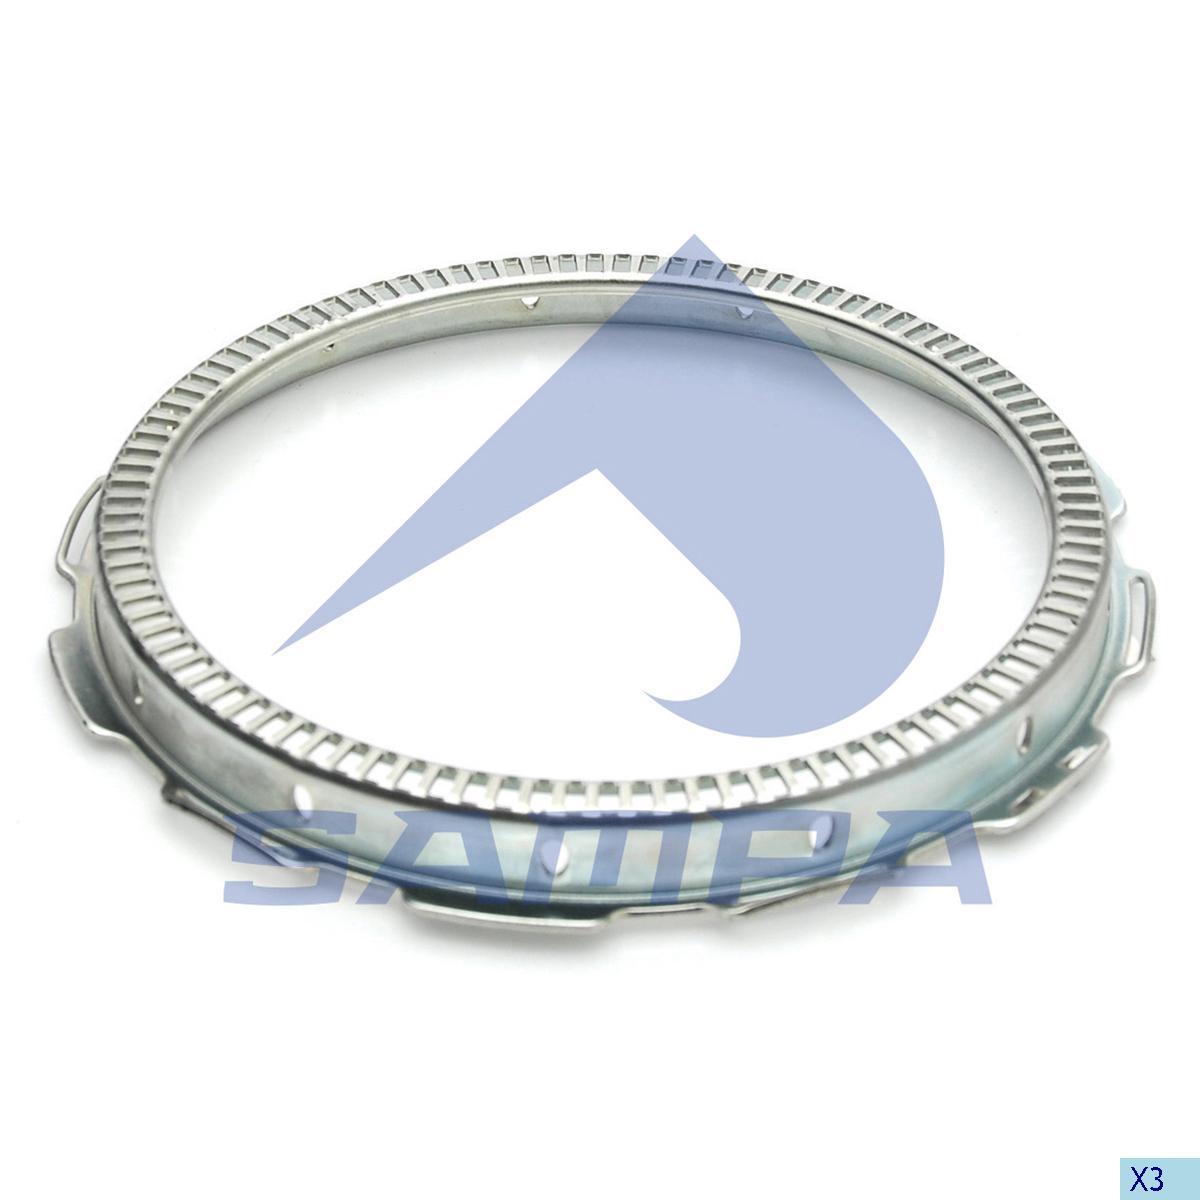 Ring, ABS, Bergische Achsen, Brake